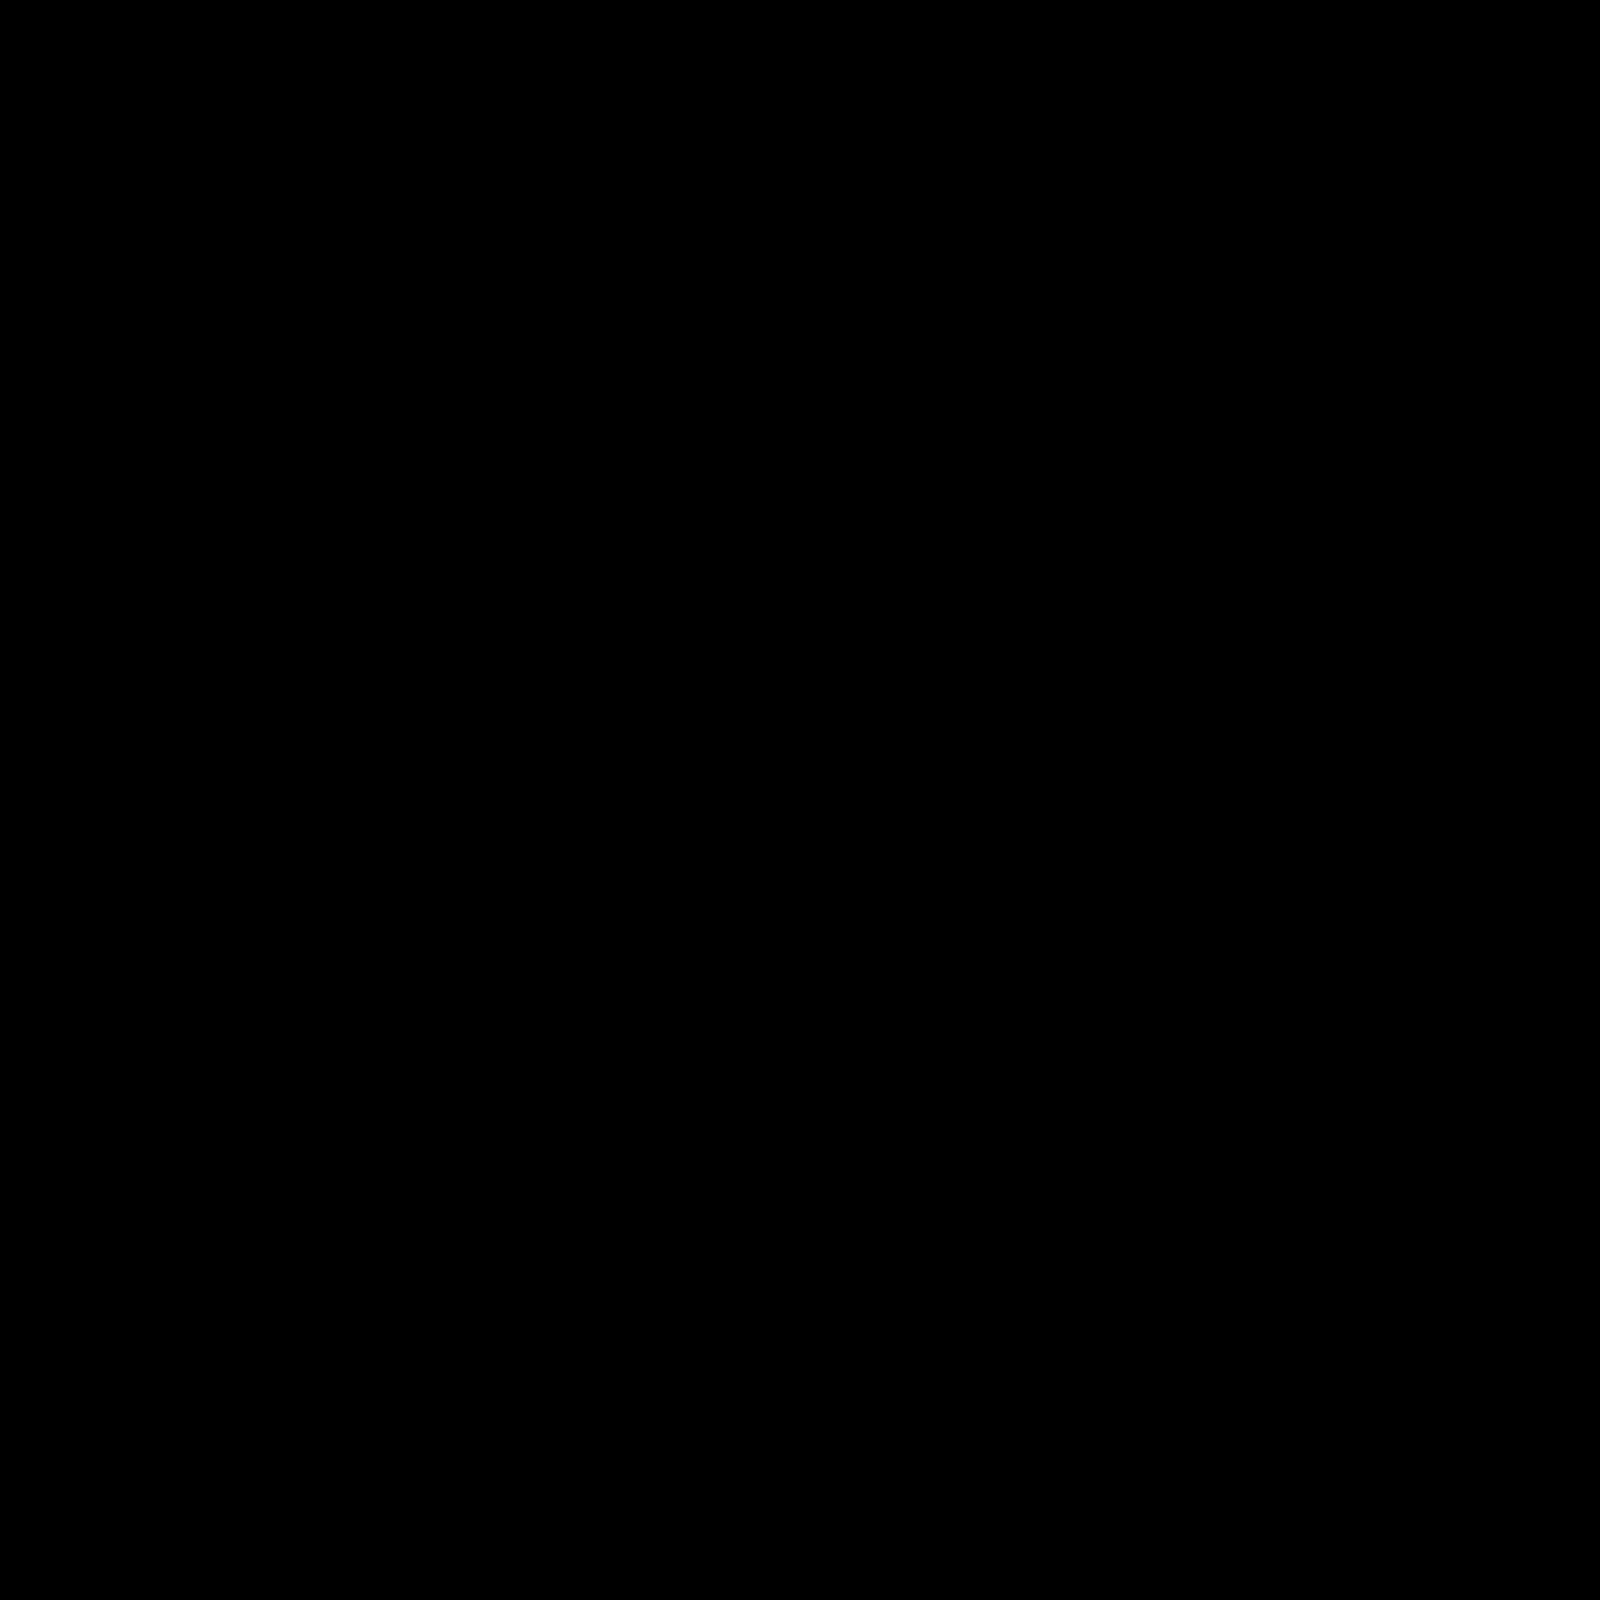 Crm система иконка демо версия коробочная версия битрикс24